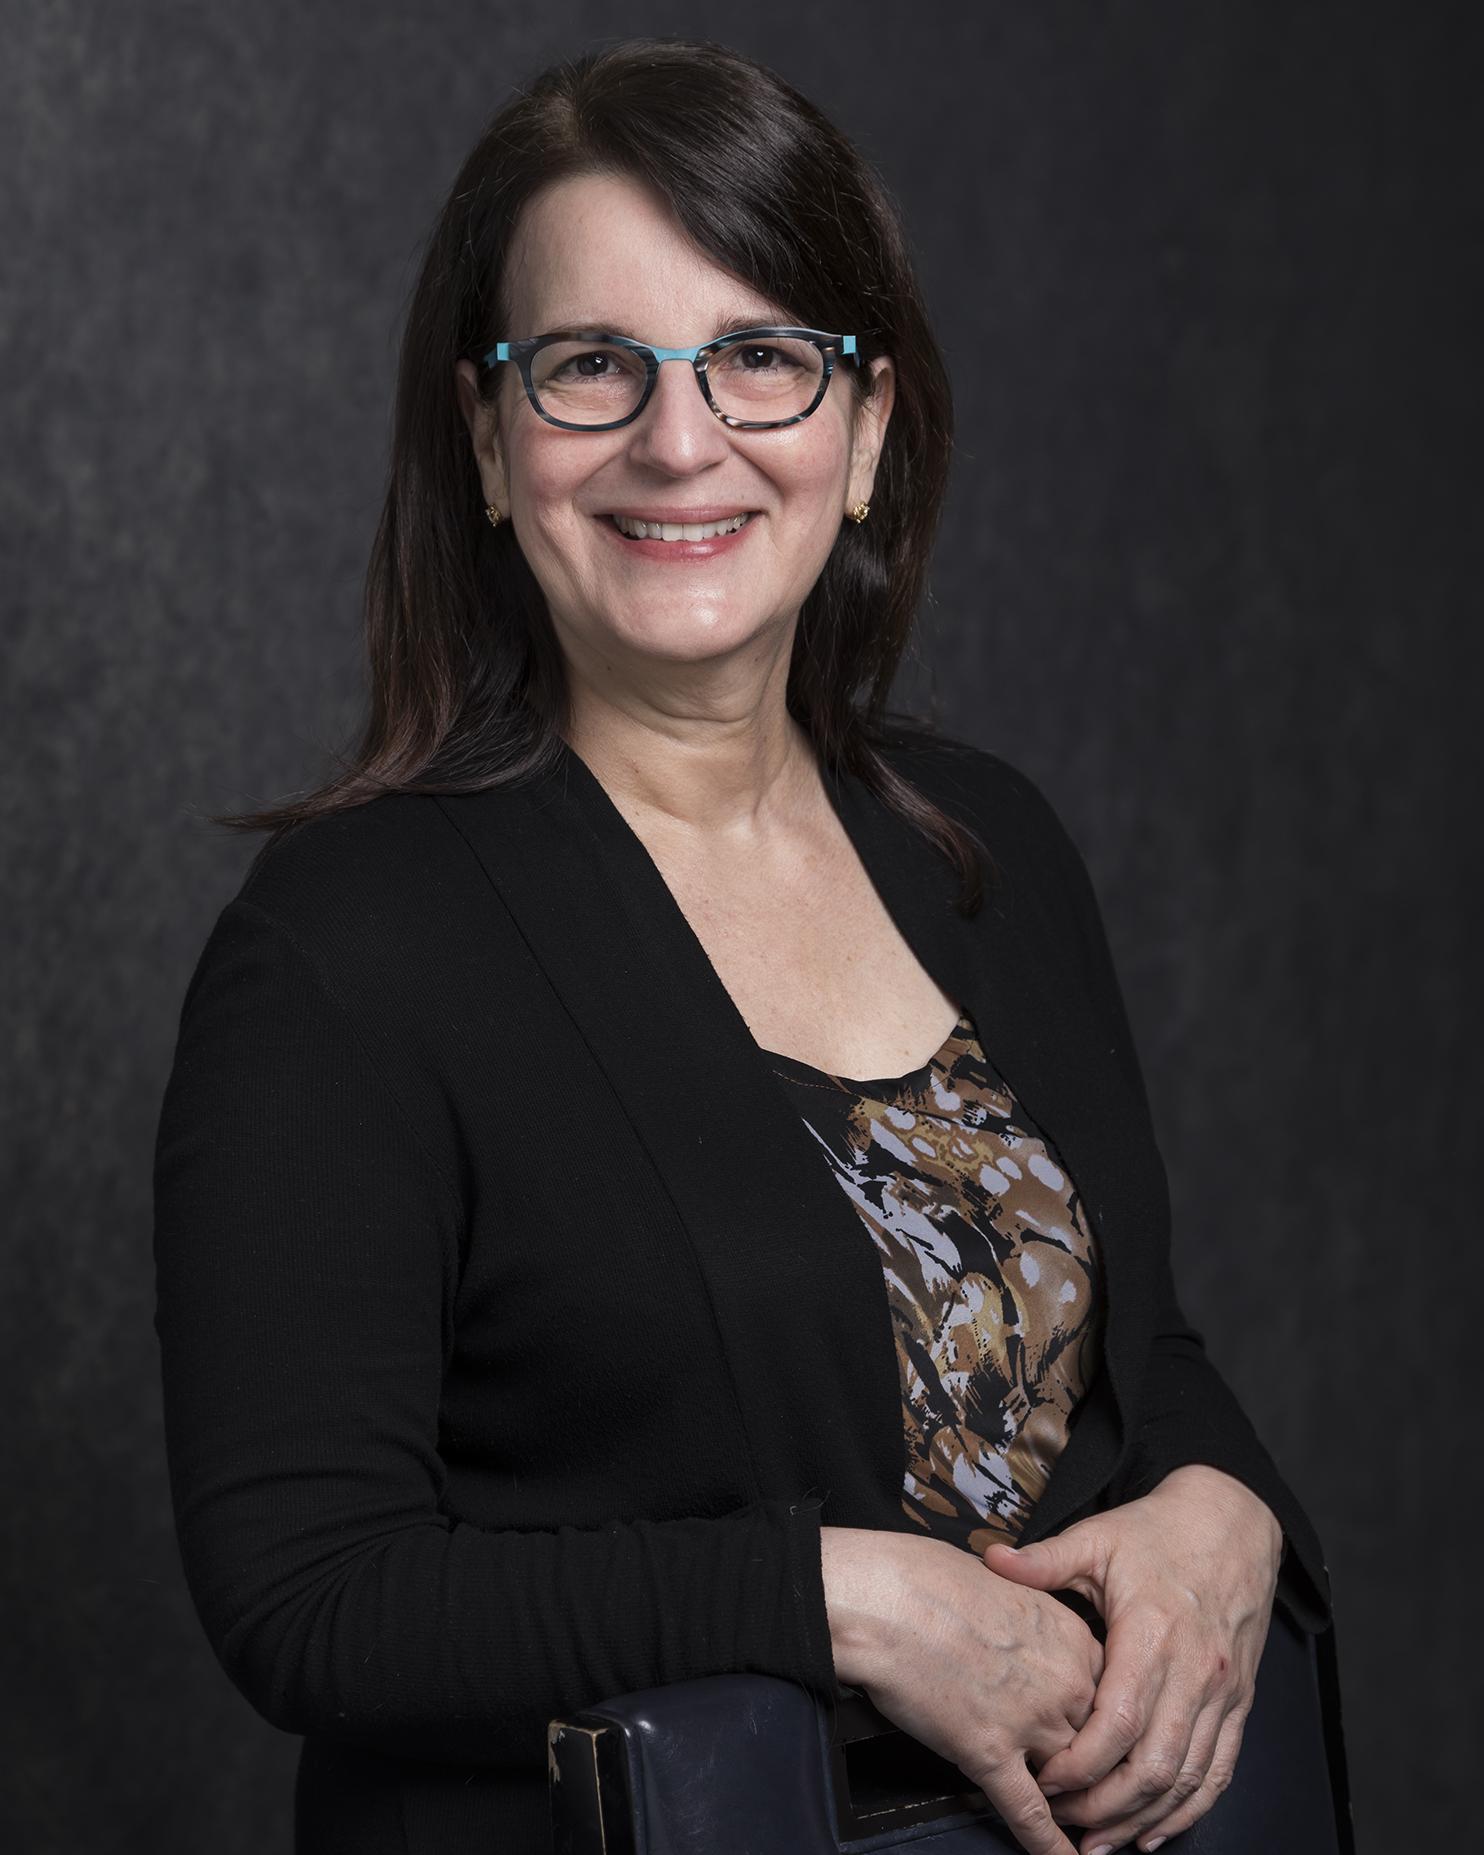 Marlene Corton